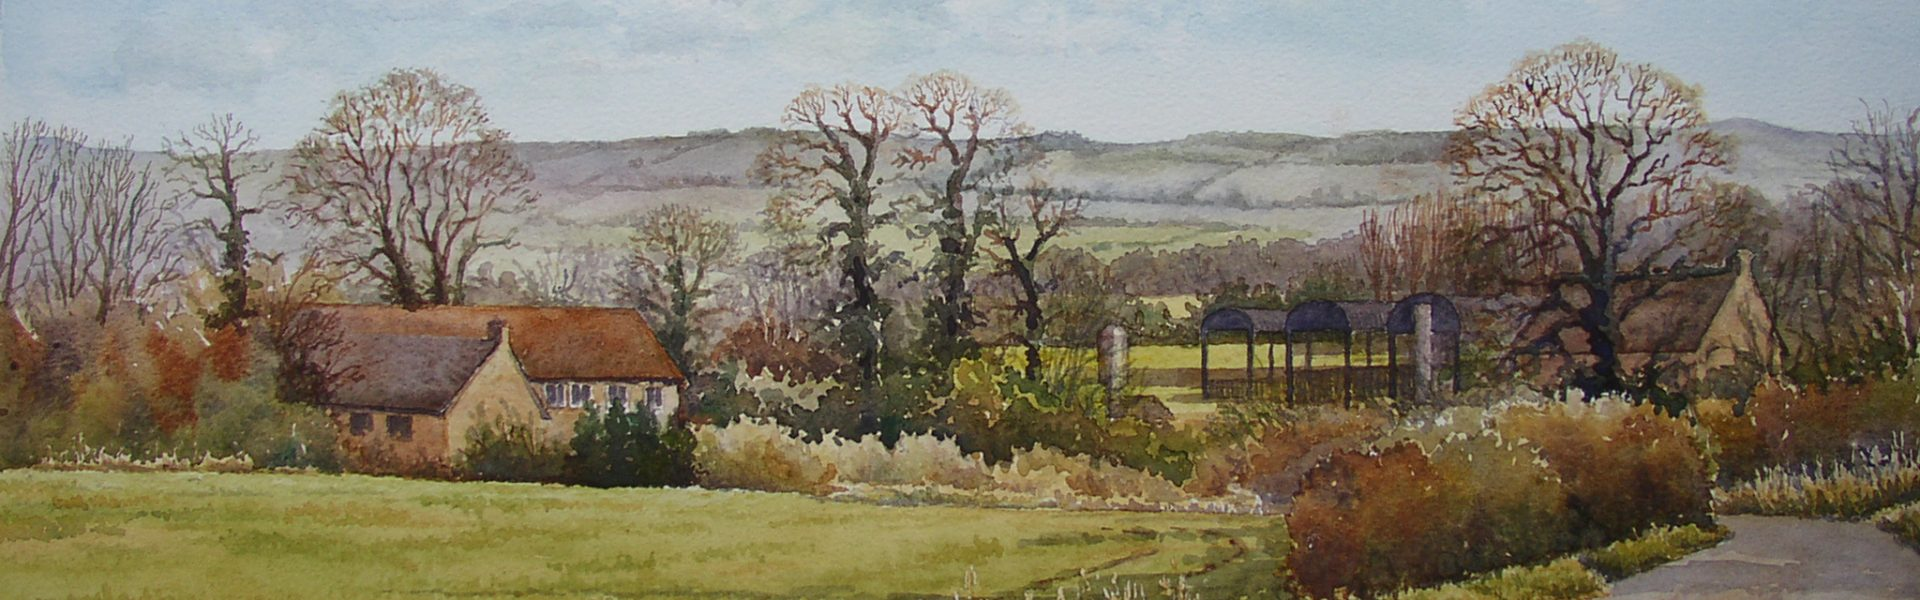 Ridgeway View, Marcham SOLD